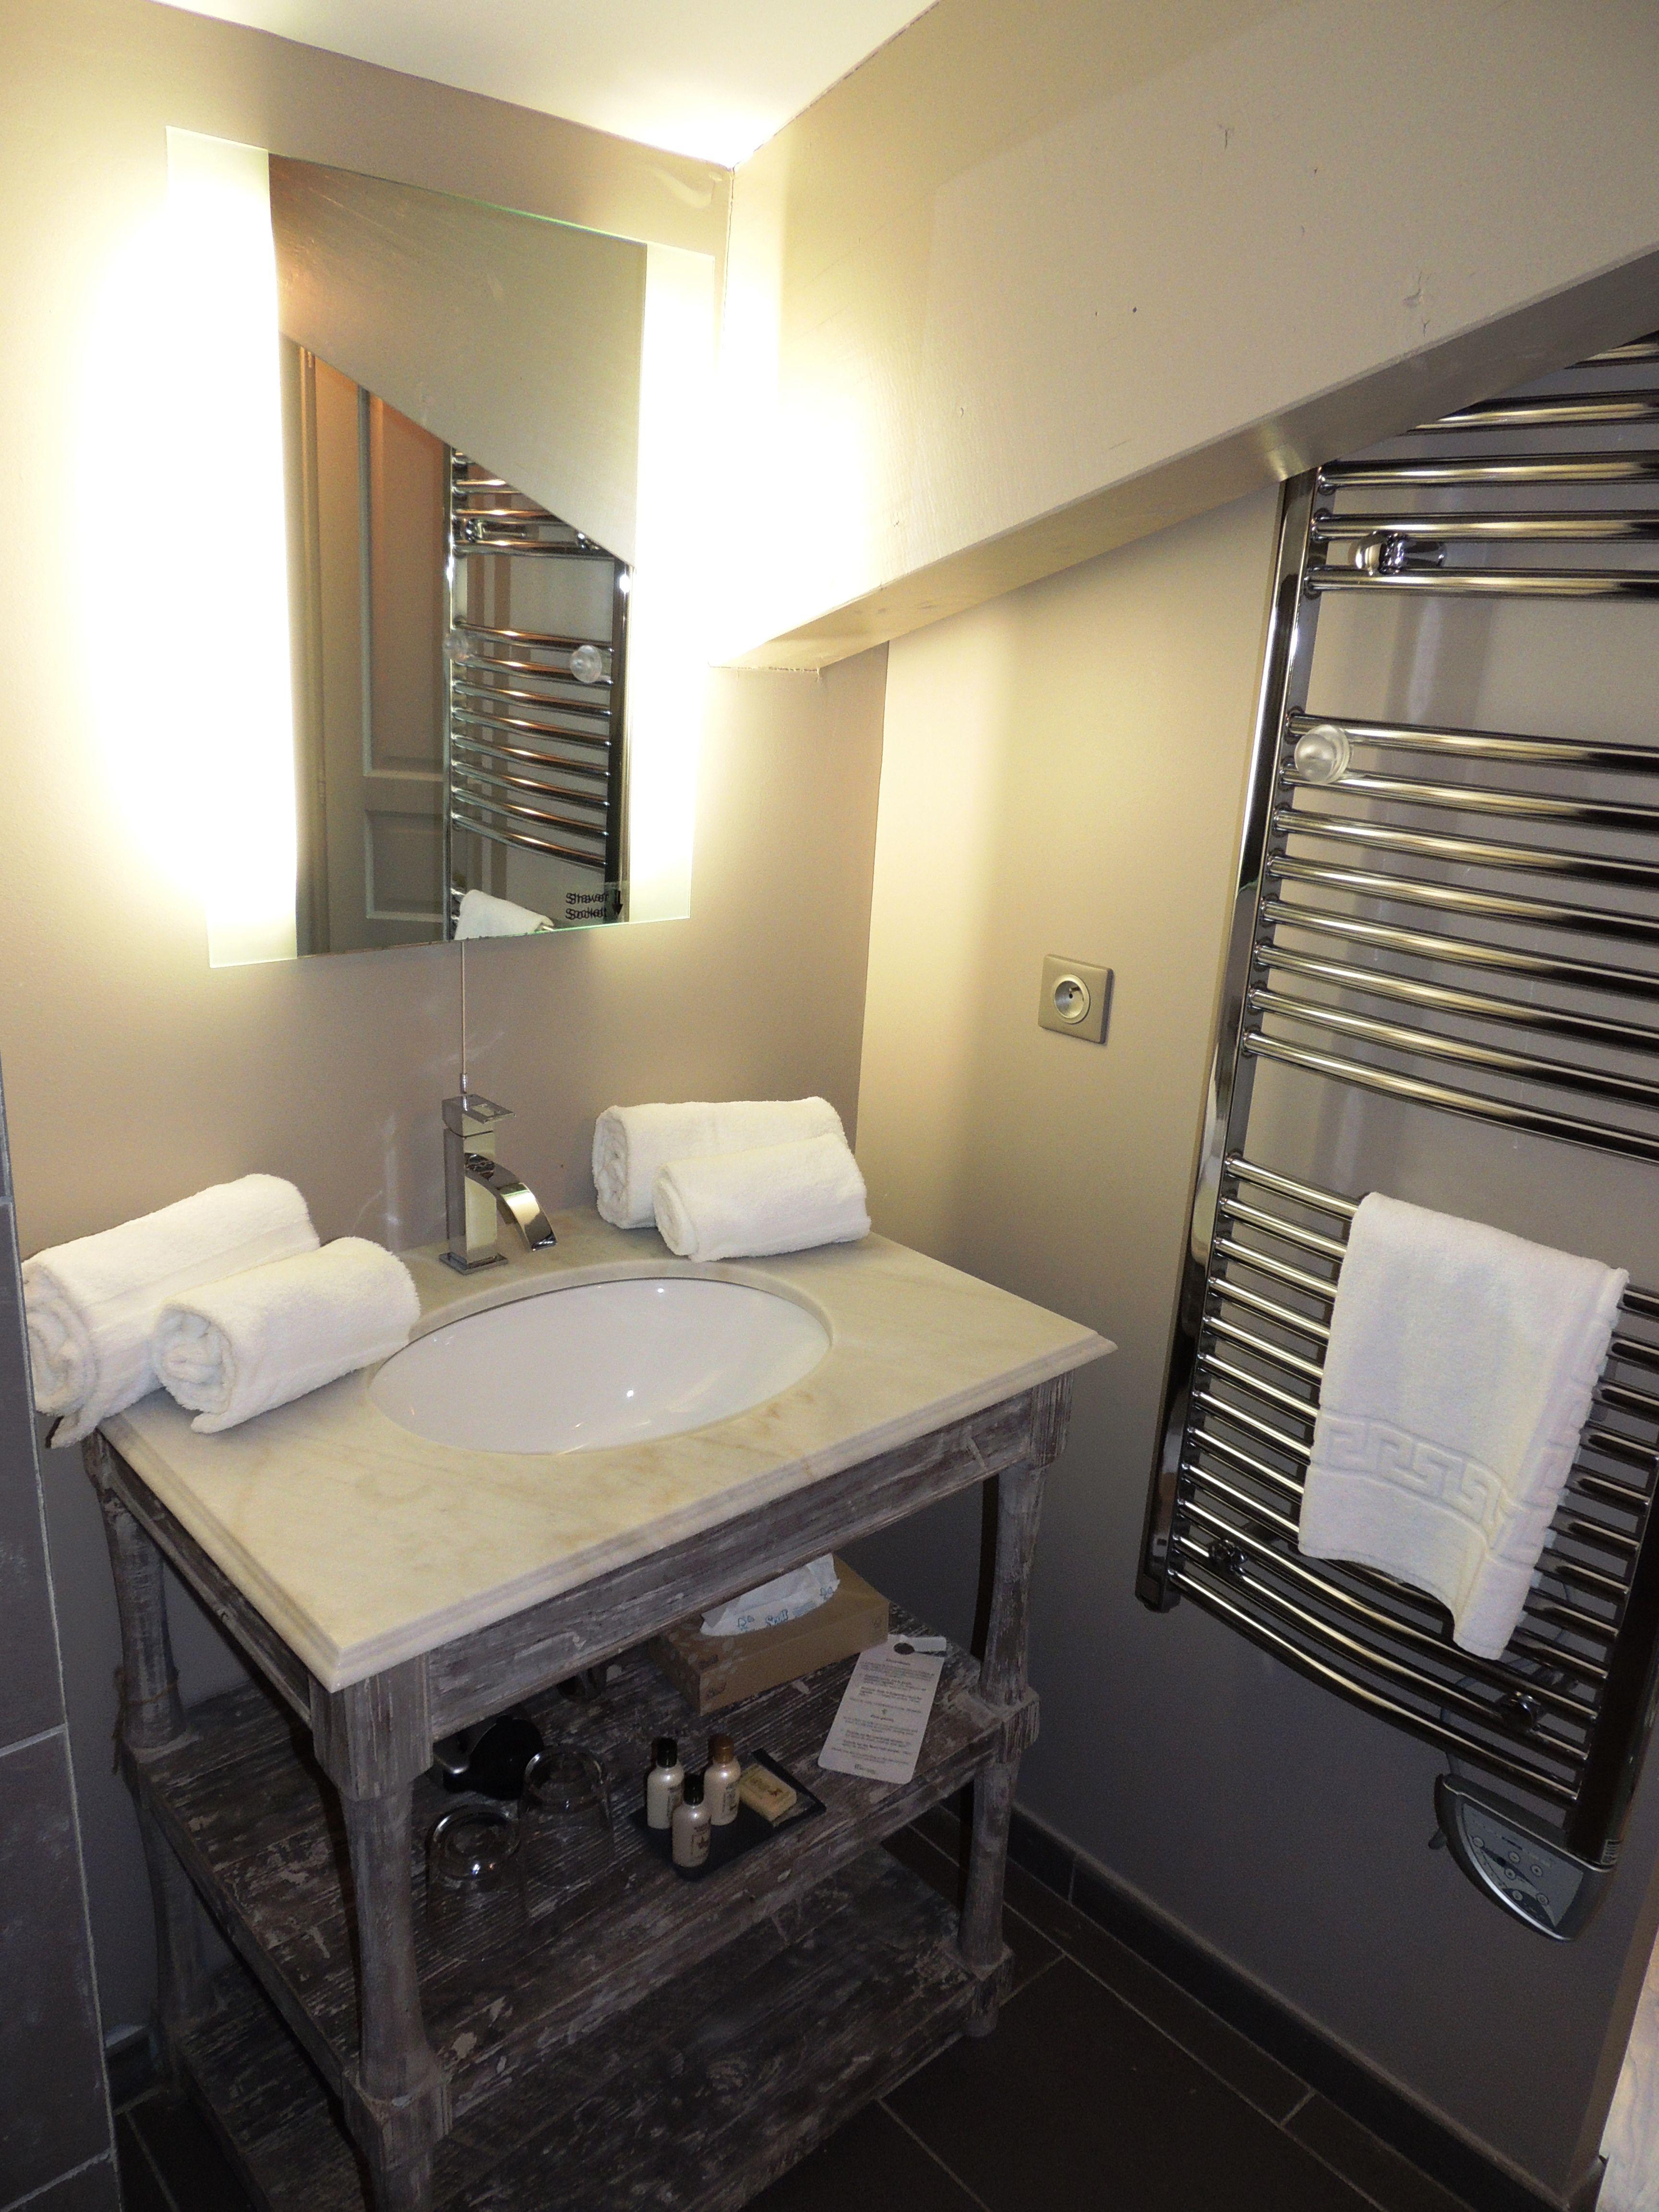 Meuble Salle De Bain Luna Gris ~ salle de bains de l appartement 2 pers sup rieur avec jacuzzi